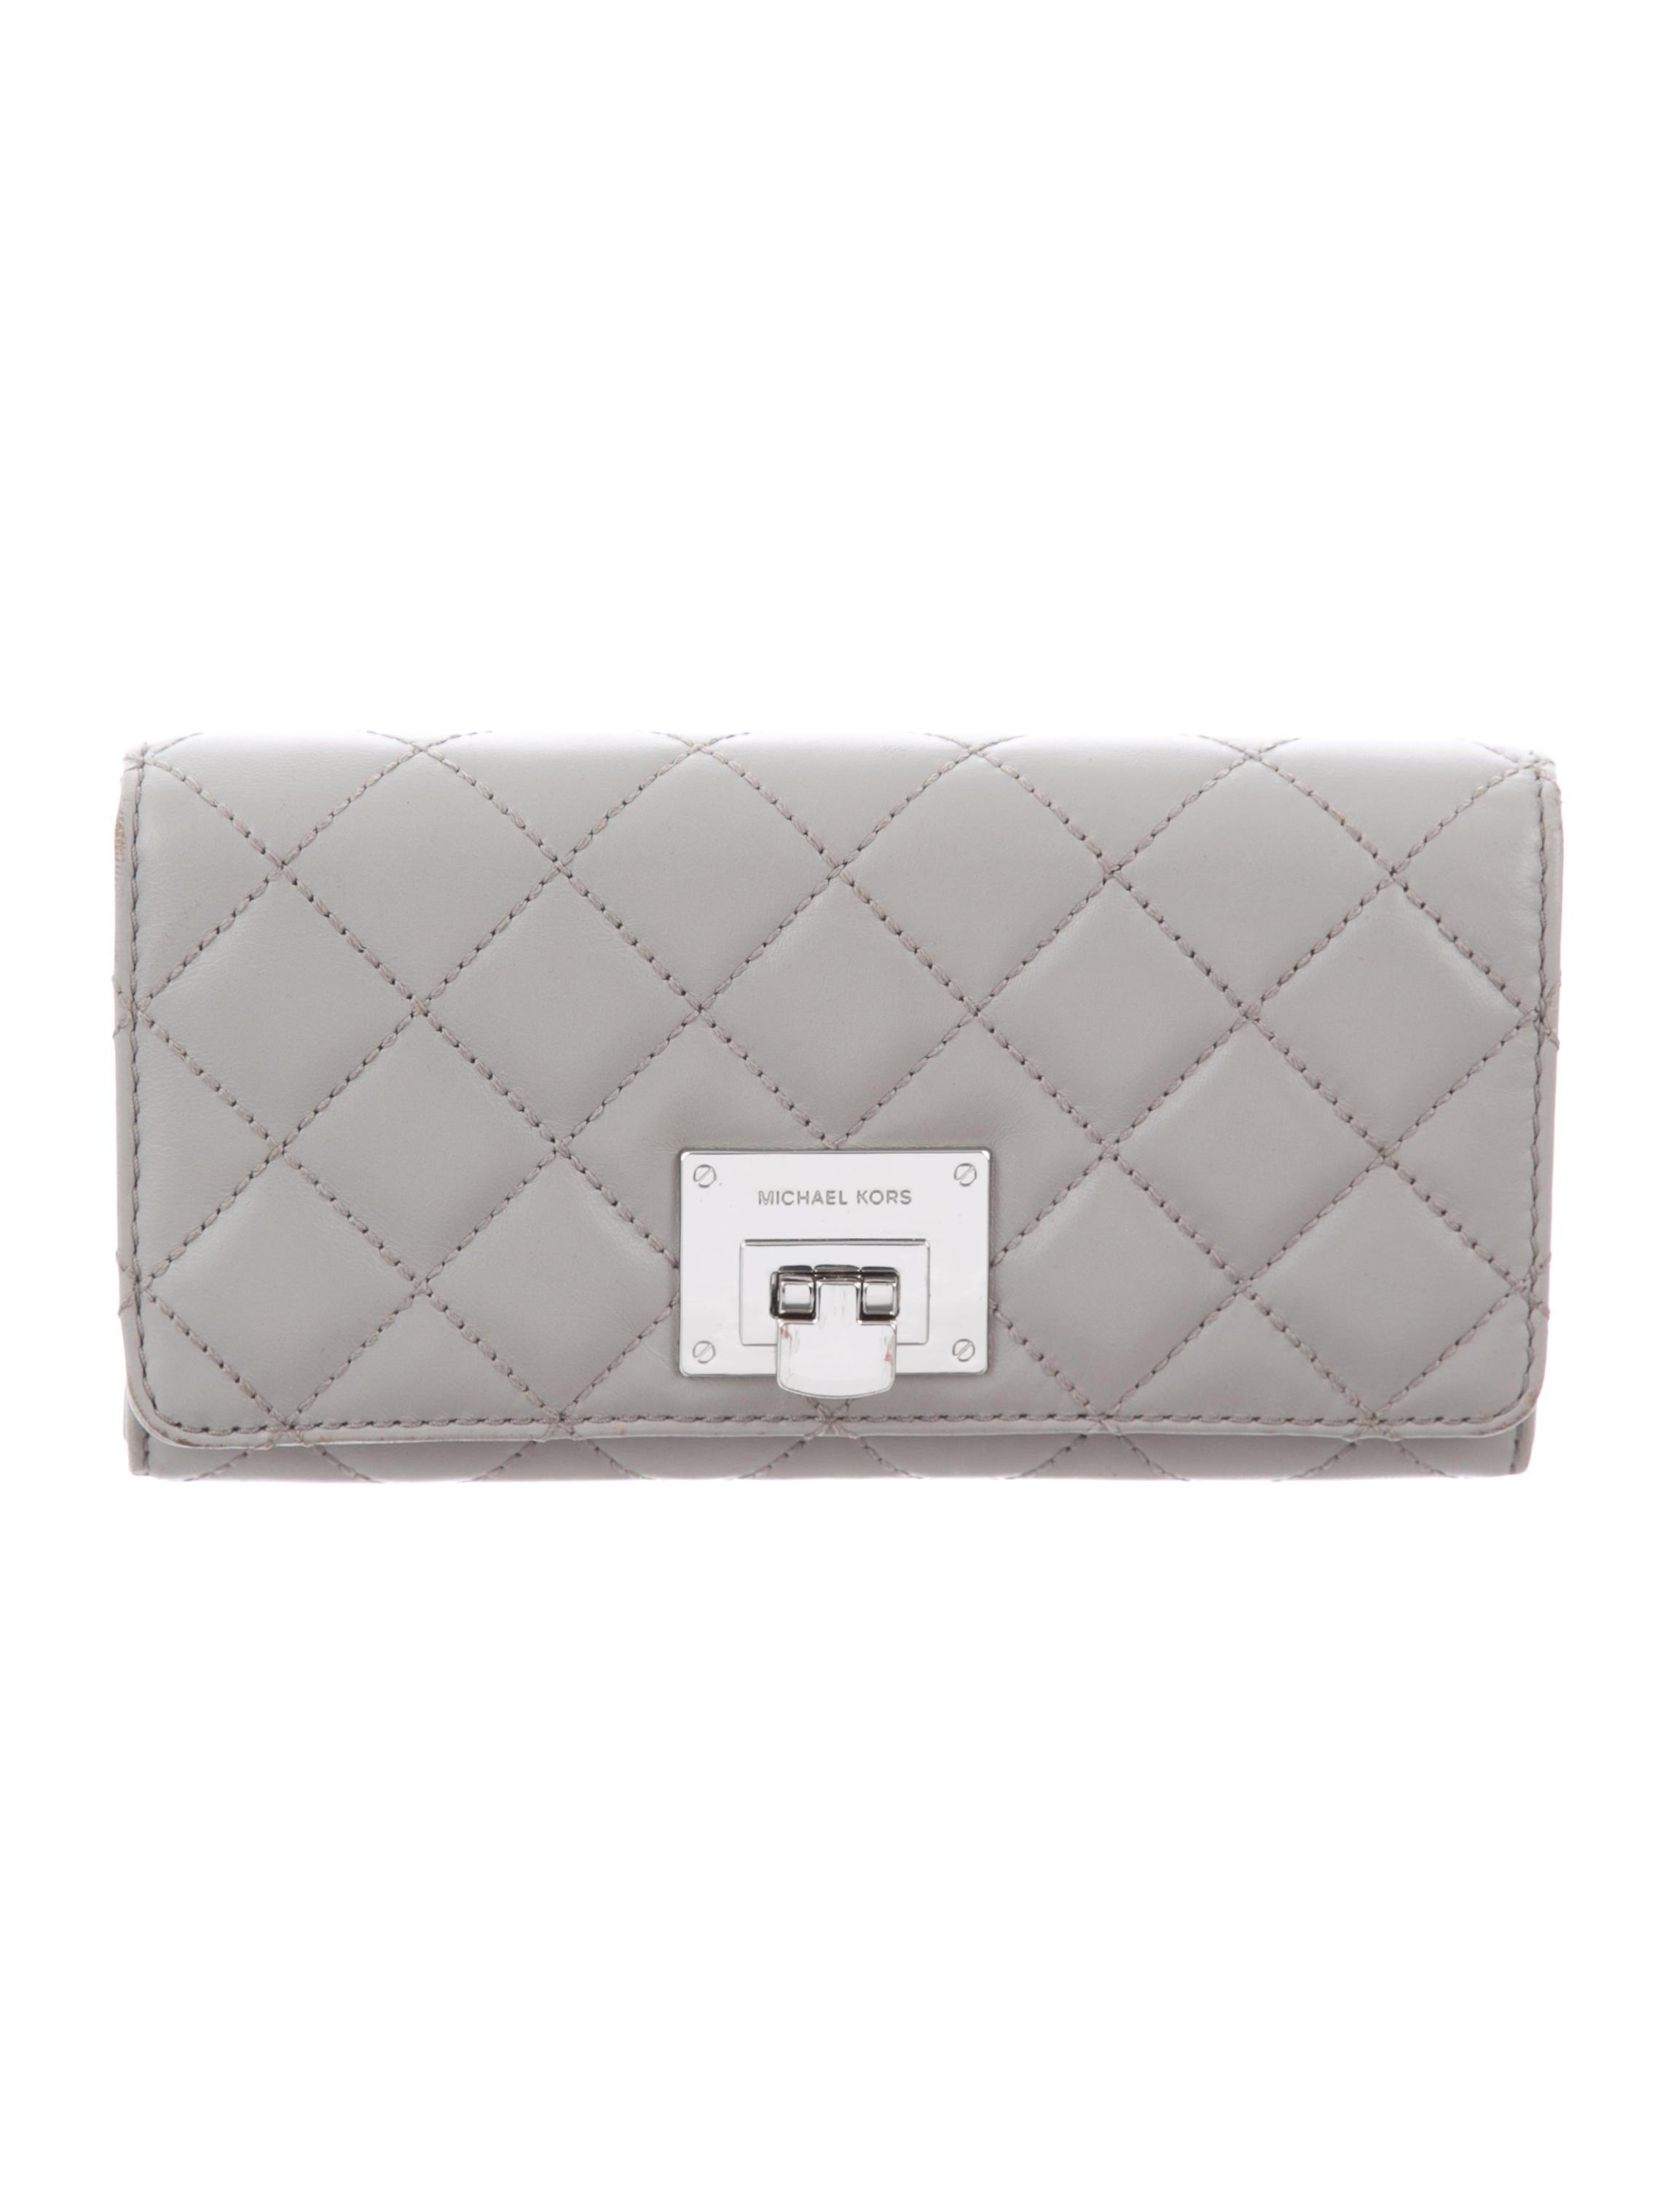 cc51f1de2fc8d Michael Michael Kors Astrid Leather Wallet - Accessories - WM531304 ...